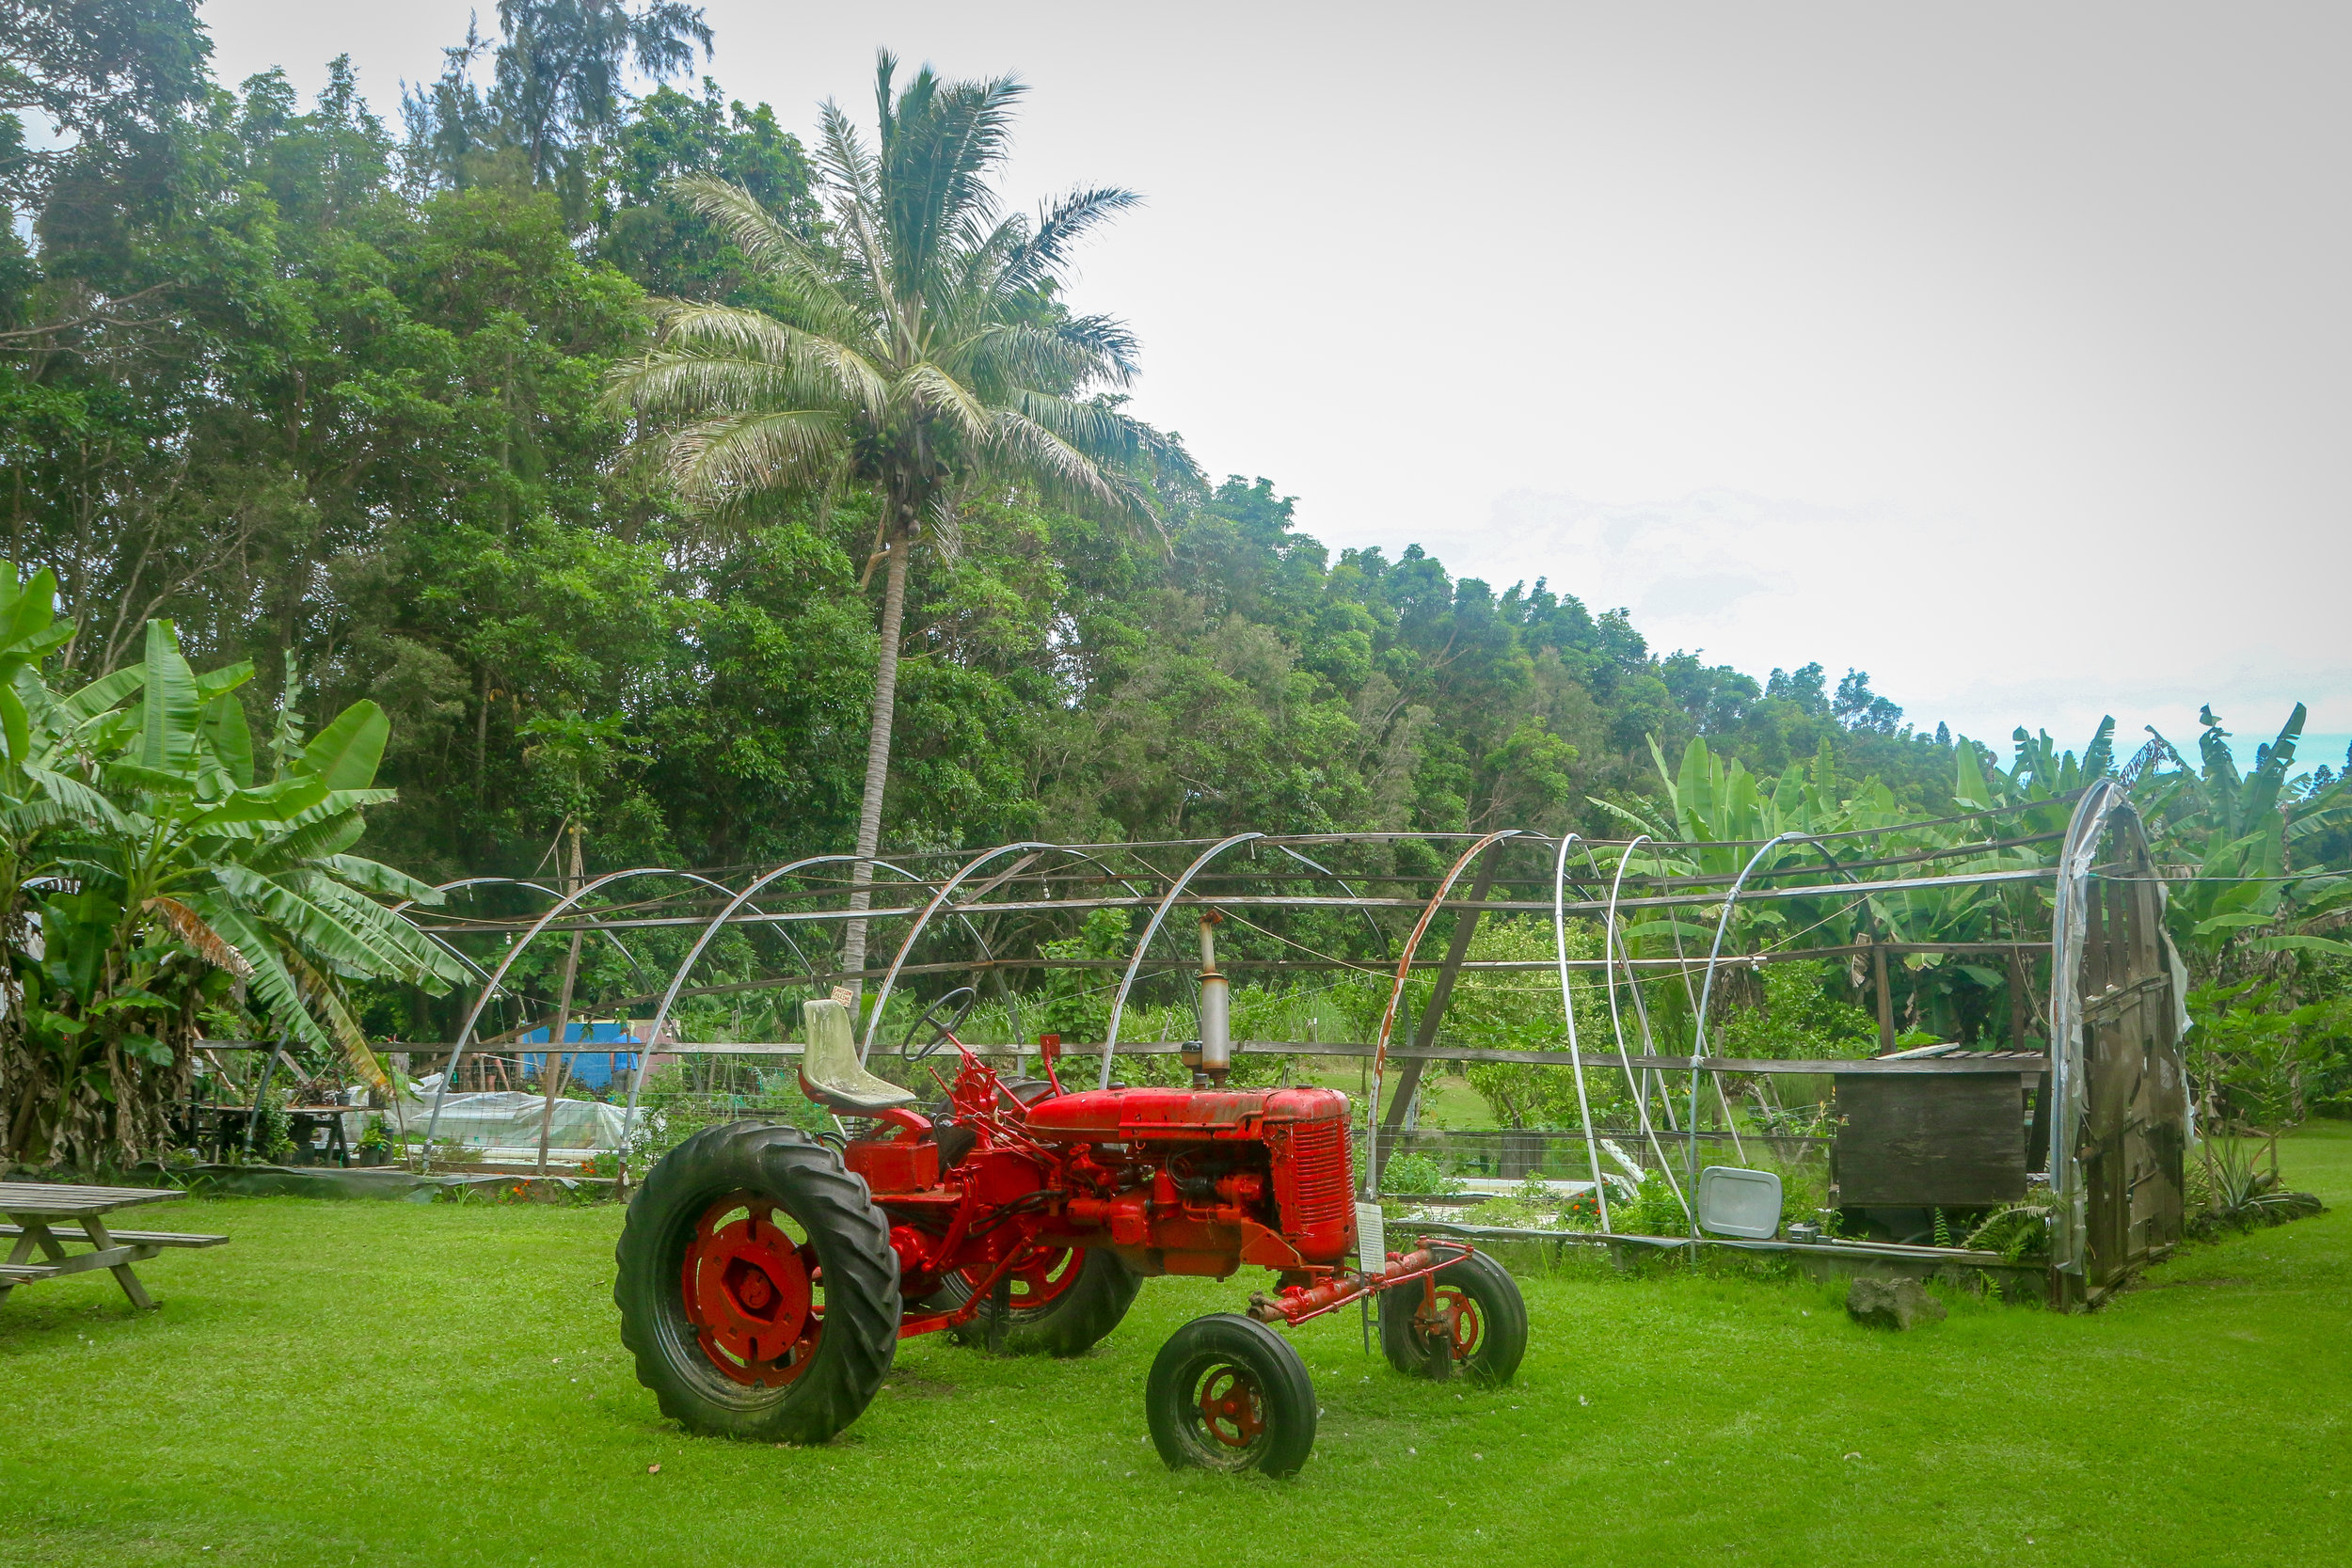 Hawaii HI Big Island Photos Photography Red Tractor Farm